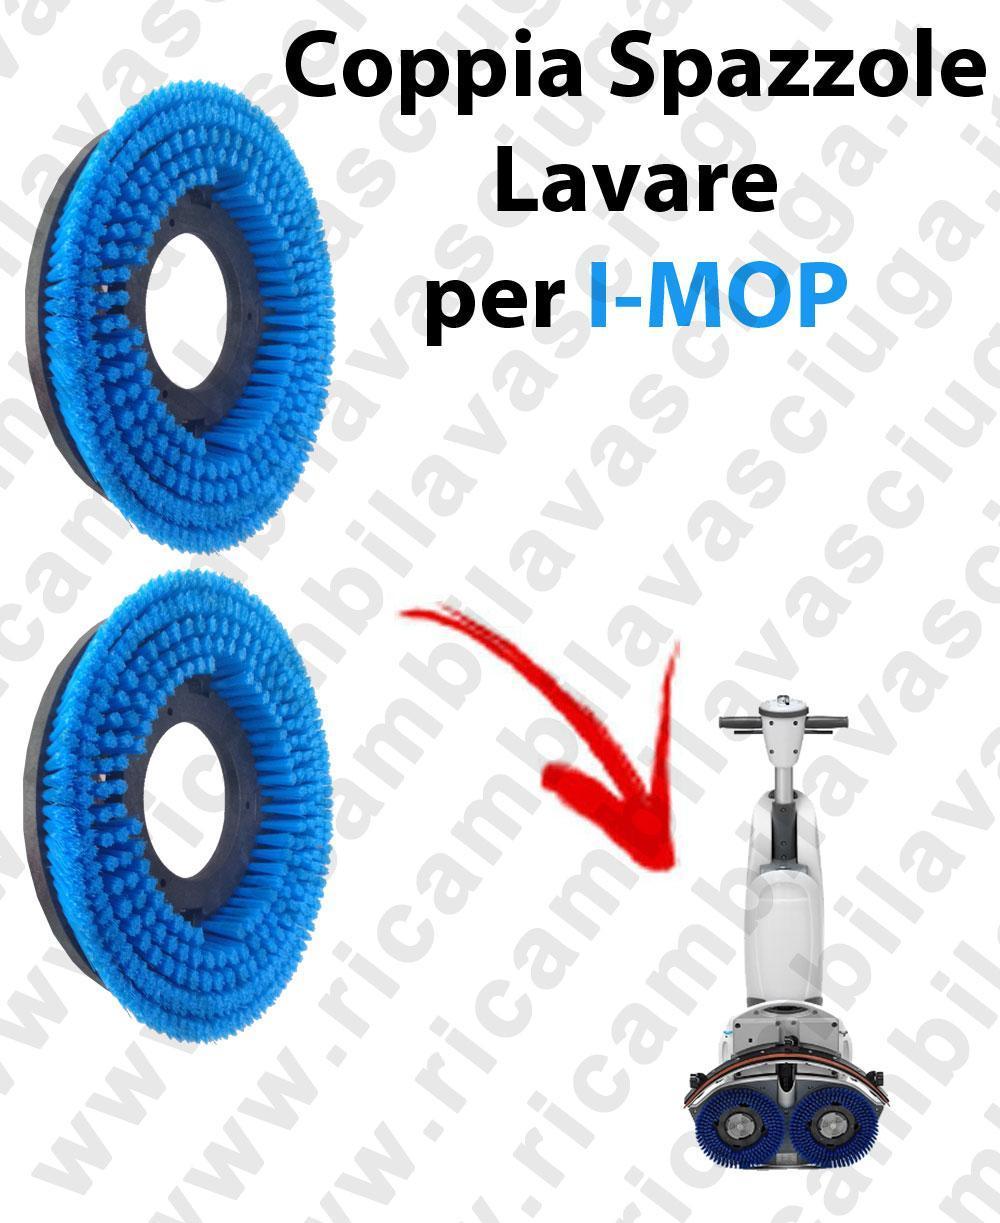 BROSSE A LAVER X 2  pour autolaveuses I-MOP